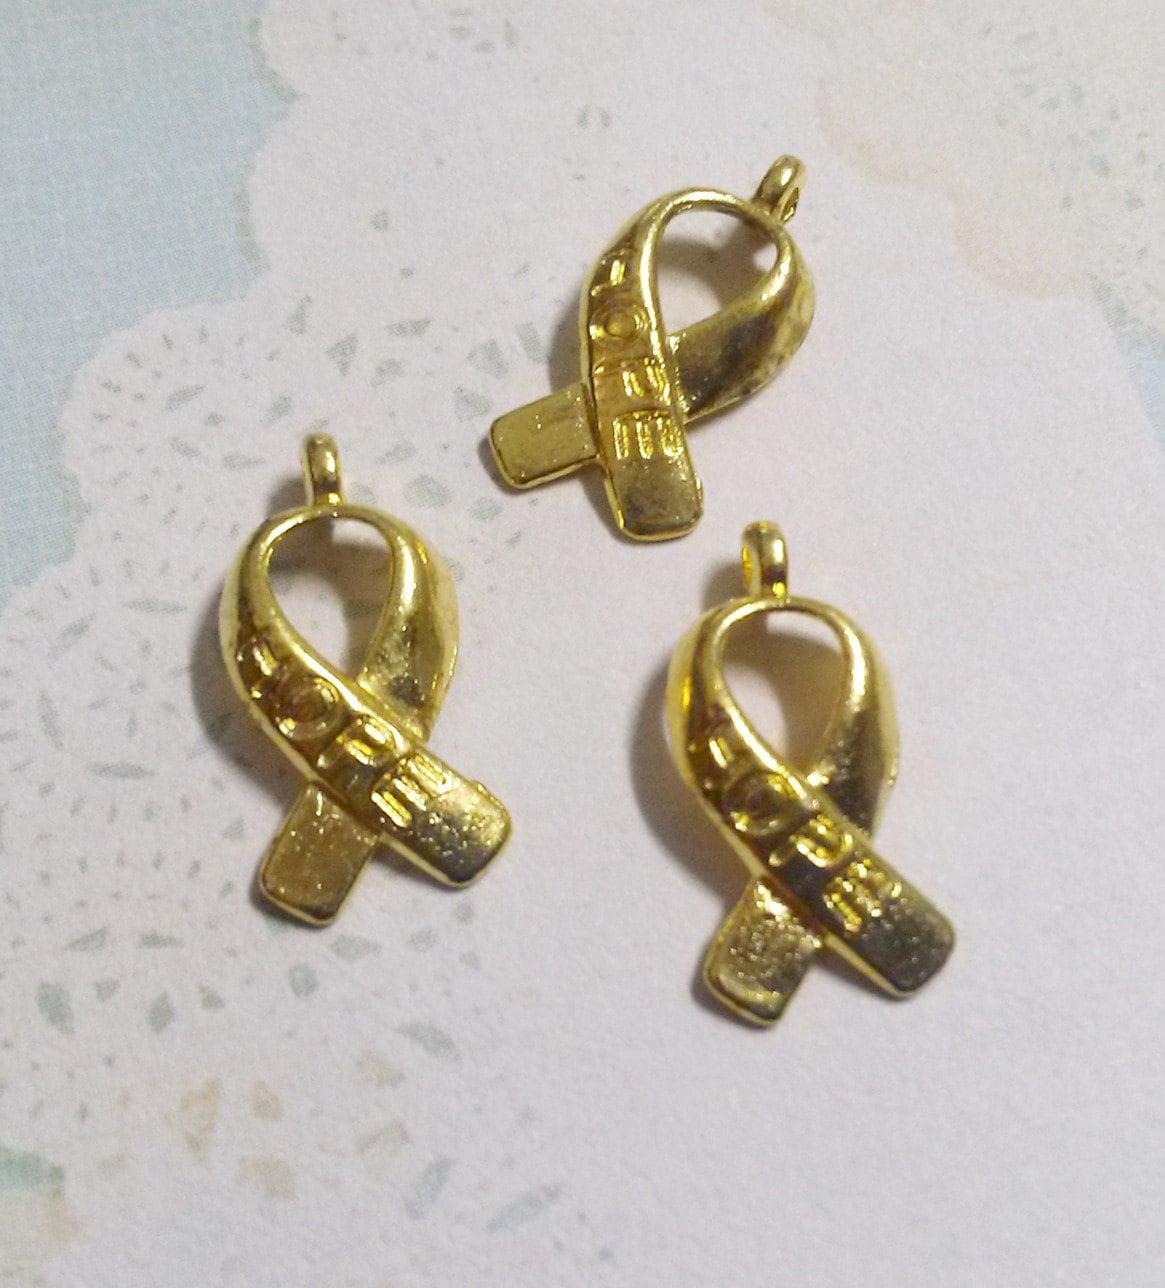 cancer awareness ribbon pendant awareness pendants gold